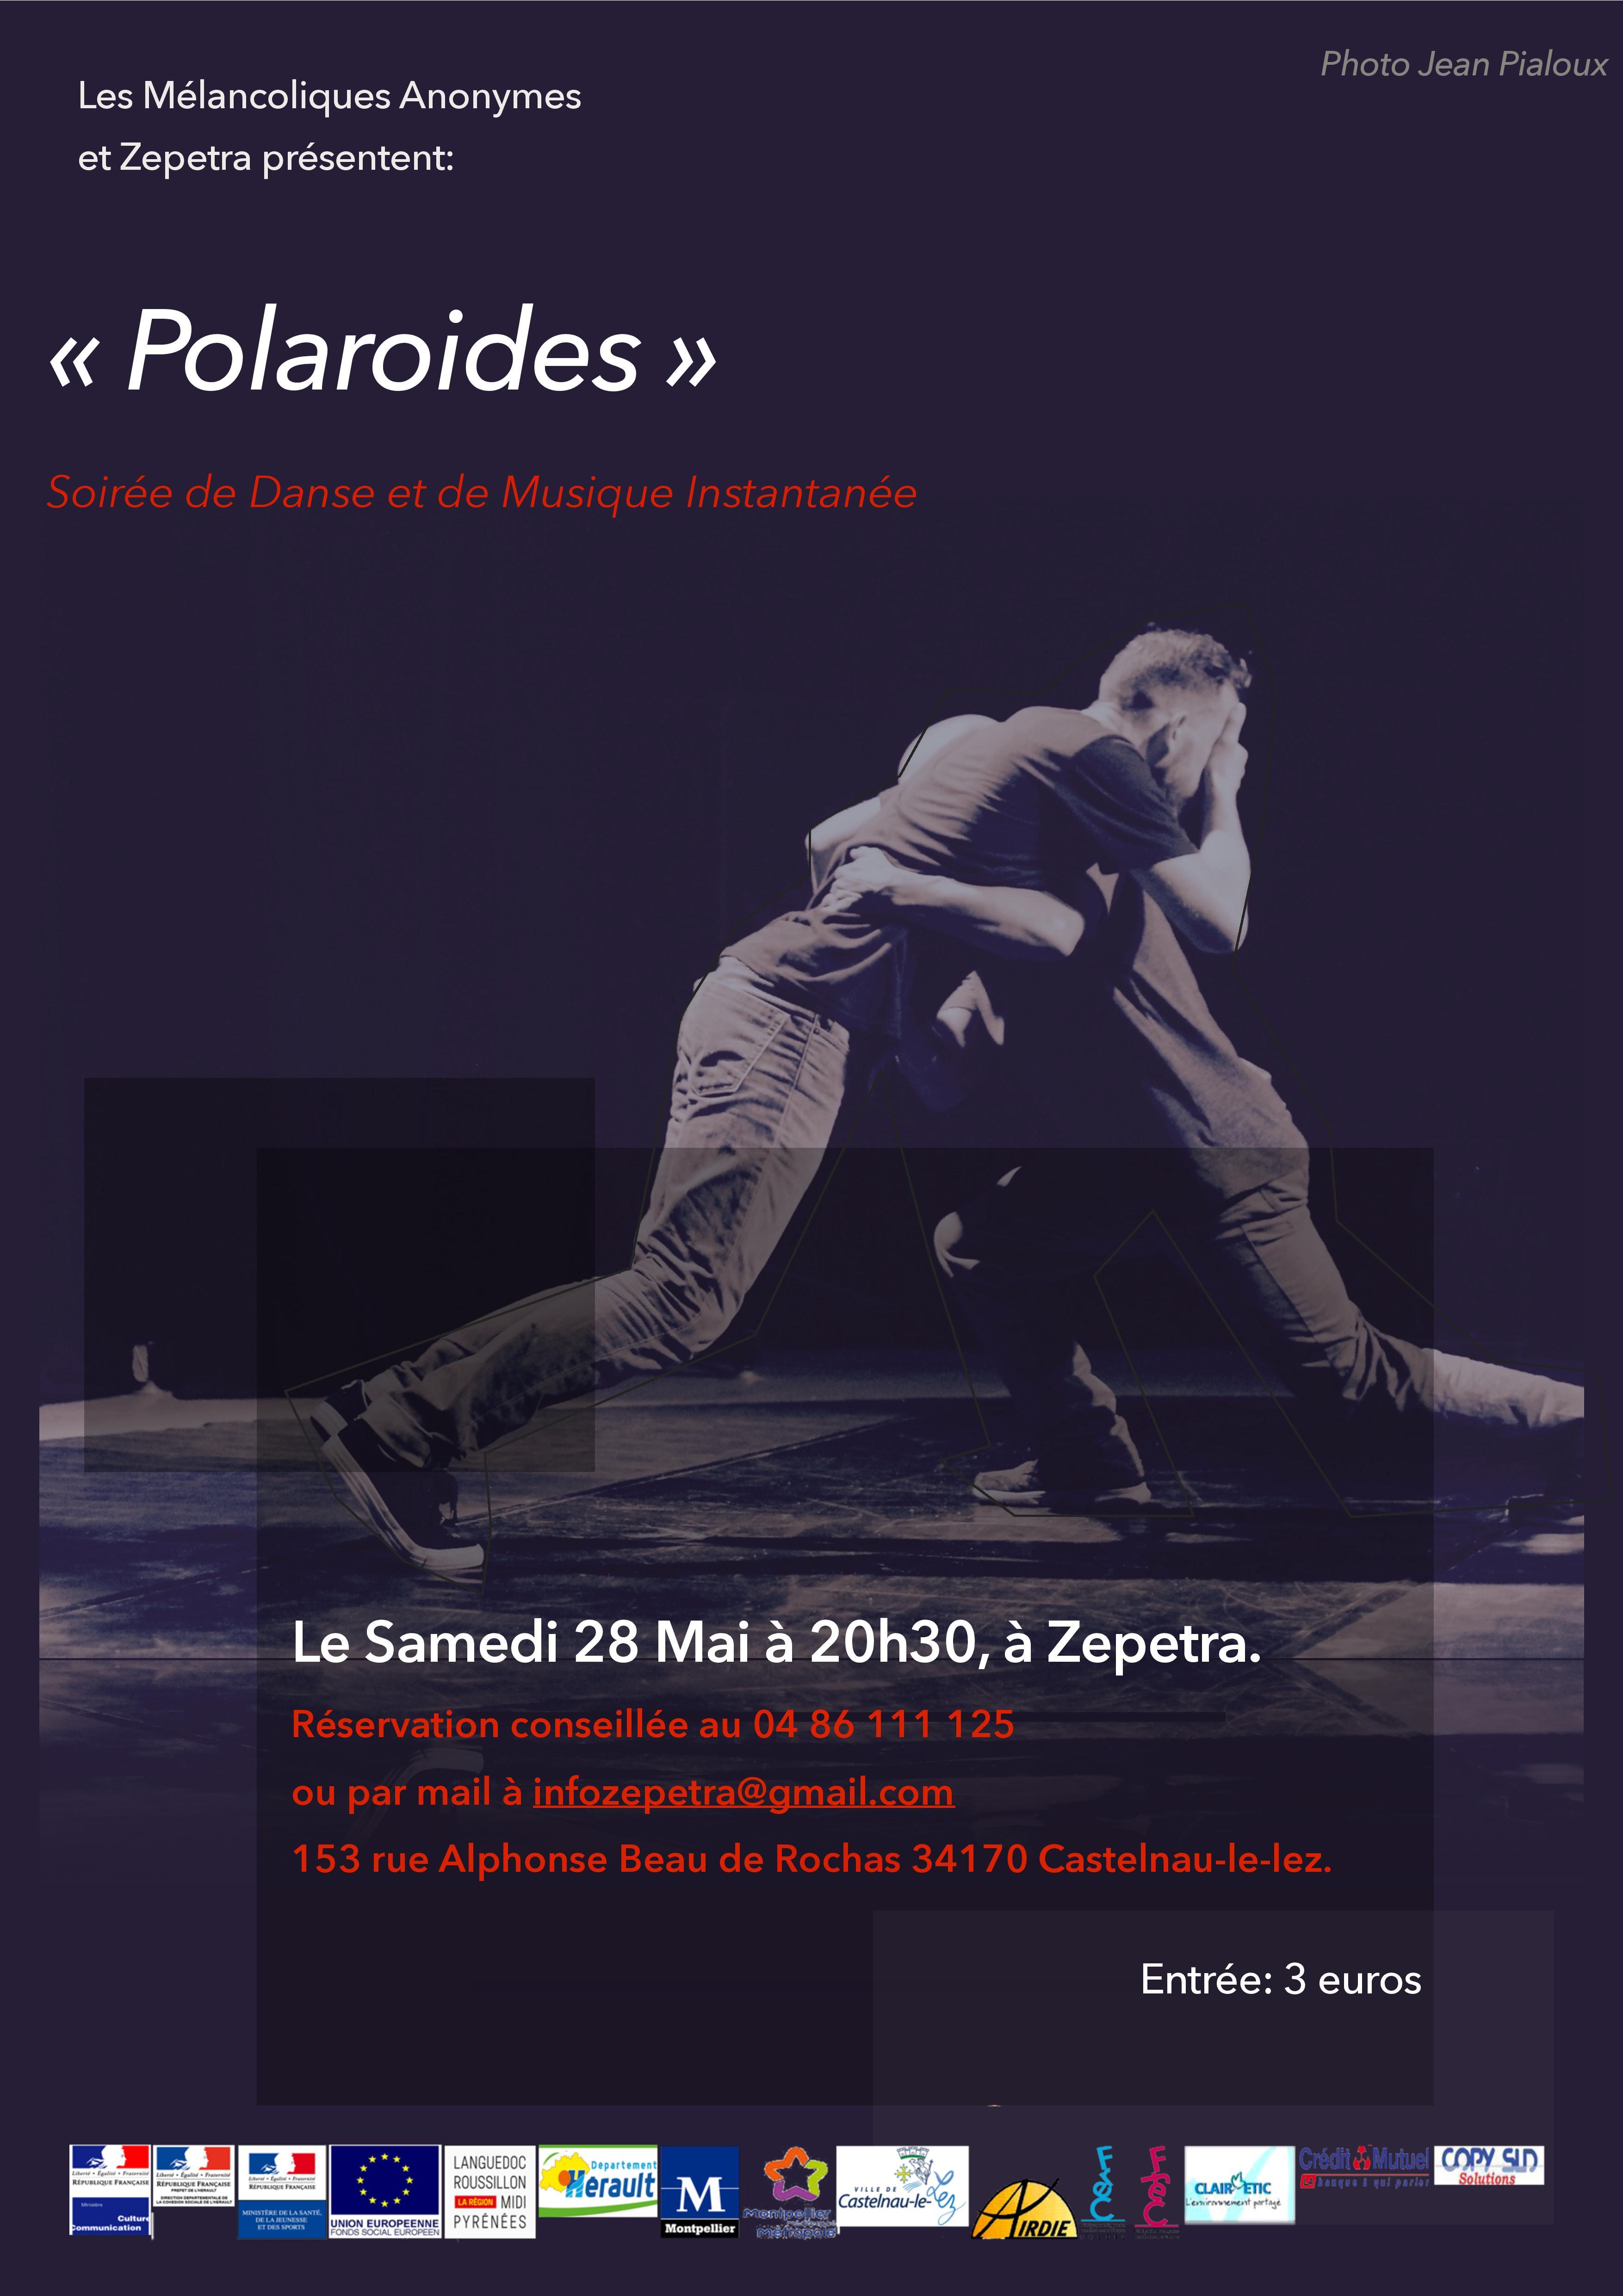 Polaroïdes: Soirée de danse et de musique instantanée par les Mélancoliques Anonymes à Zépetra